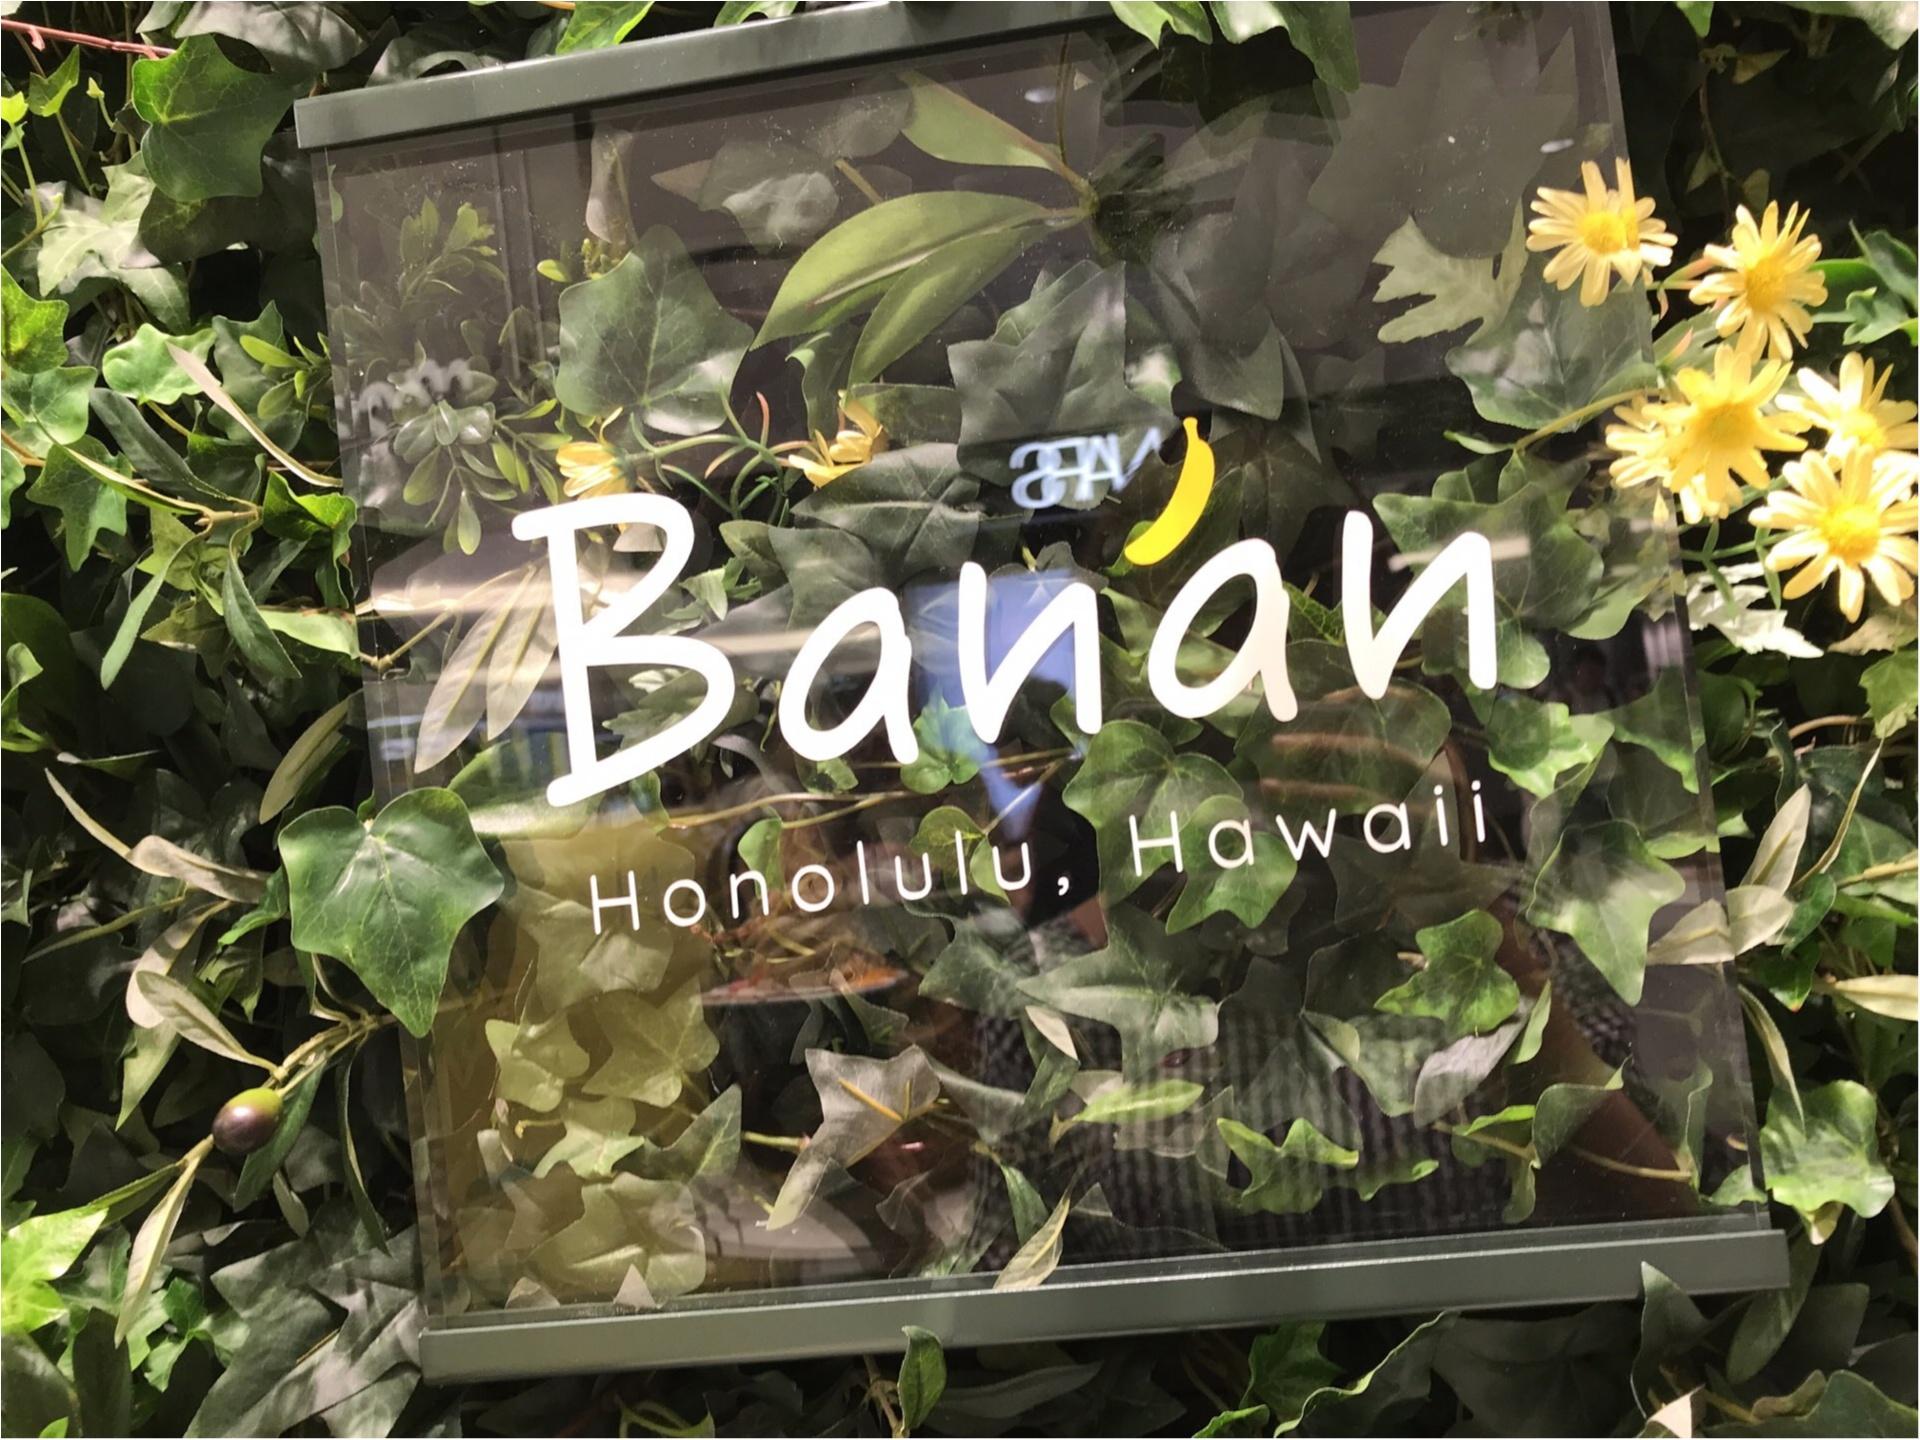 超ヘルシー!砂糖・乳製品不使用!ハワイ発【Banan(バナン)】が横浜に日本初上陸♡_2